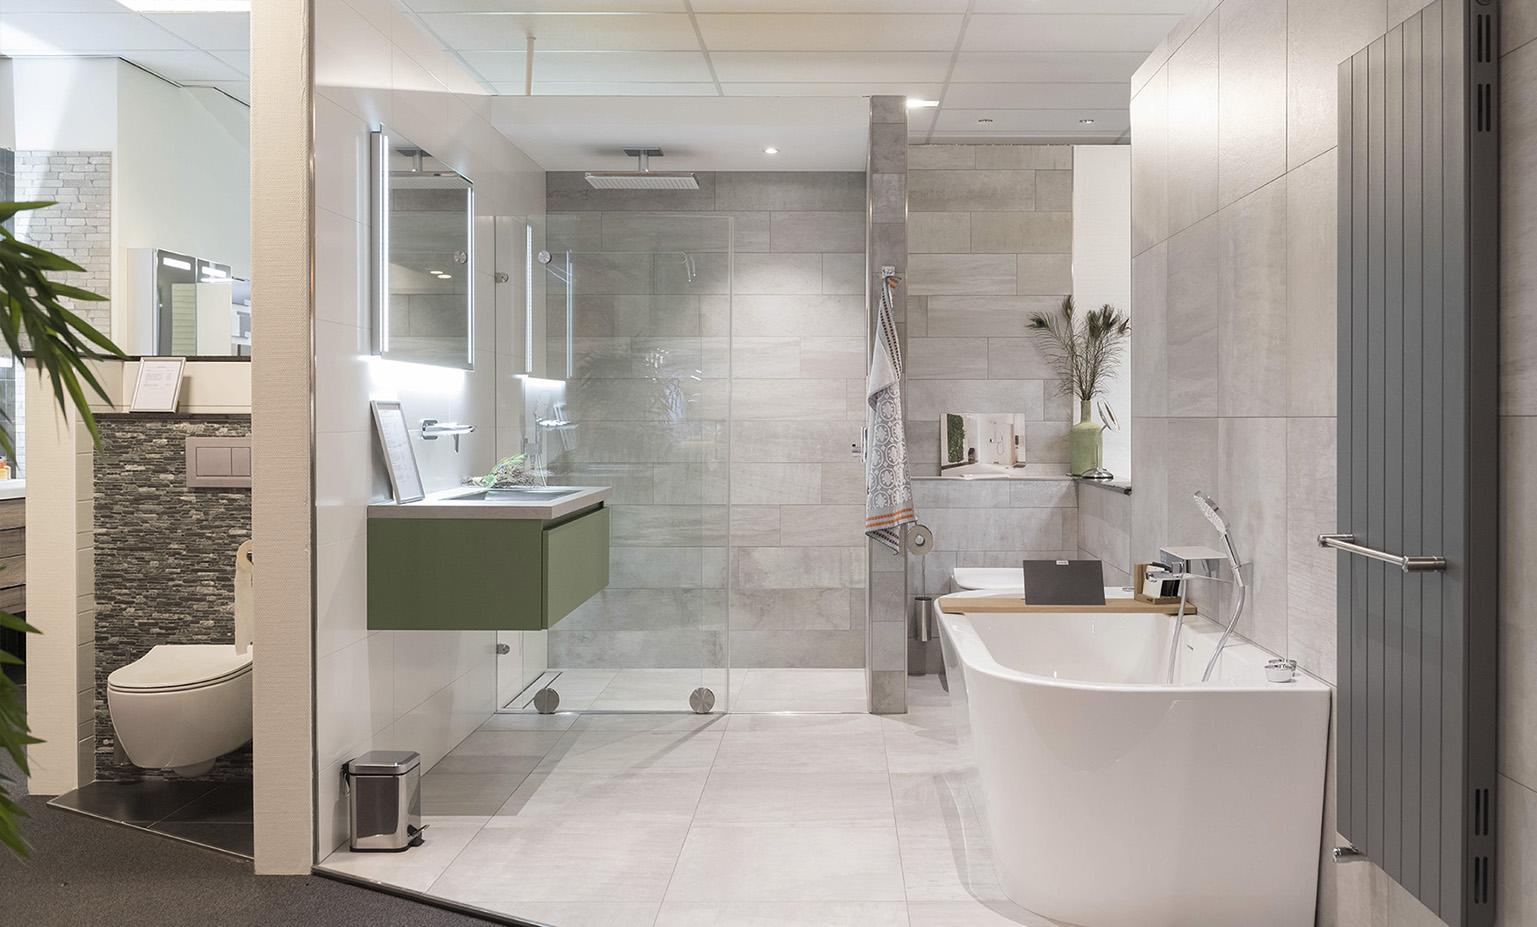 Badkamer Showroom Amersfoort : Keukens tegels en sanitair bij van de pol in kootwijkerbroek van